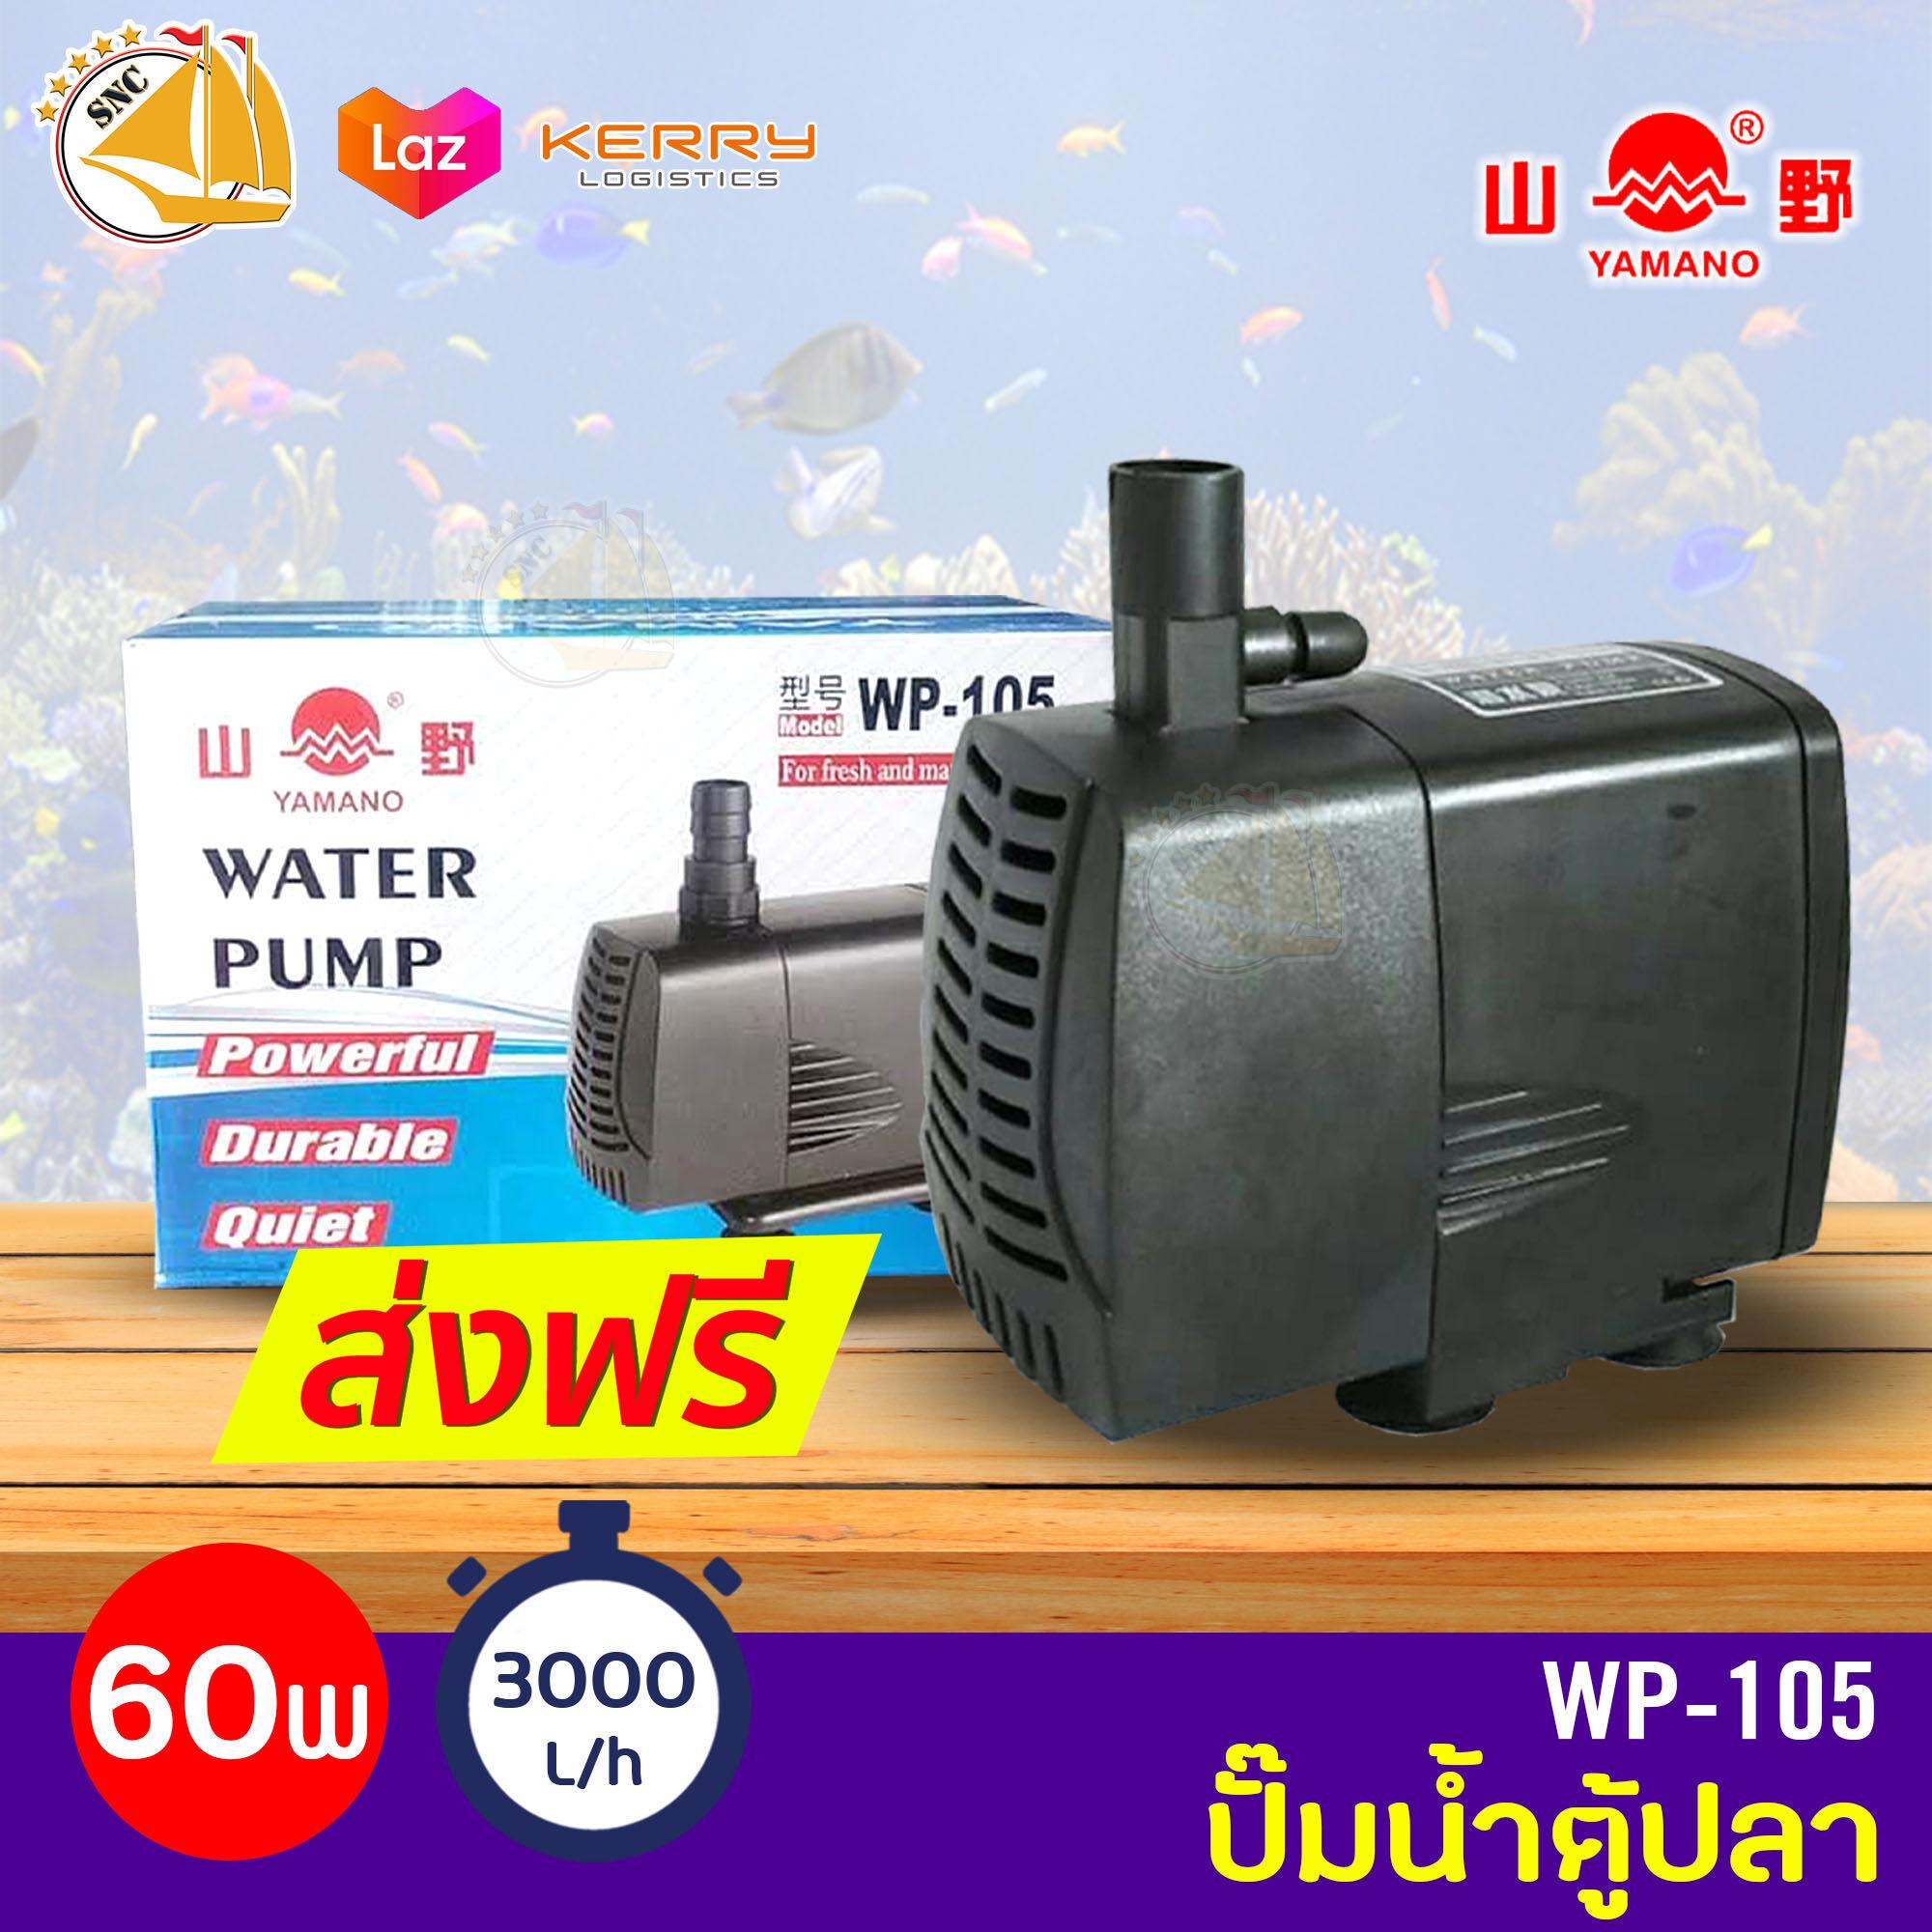 ปั๊มน้ำกำลังสูง YAMANO WP-105 กำลังไฟ 60W 3000L/H ปั้มน้ำ ปั๊มบ่อ ปั๊มน้ำตก ปั๊มน้ำพุ WP105